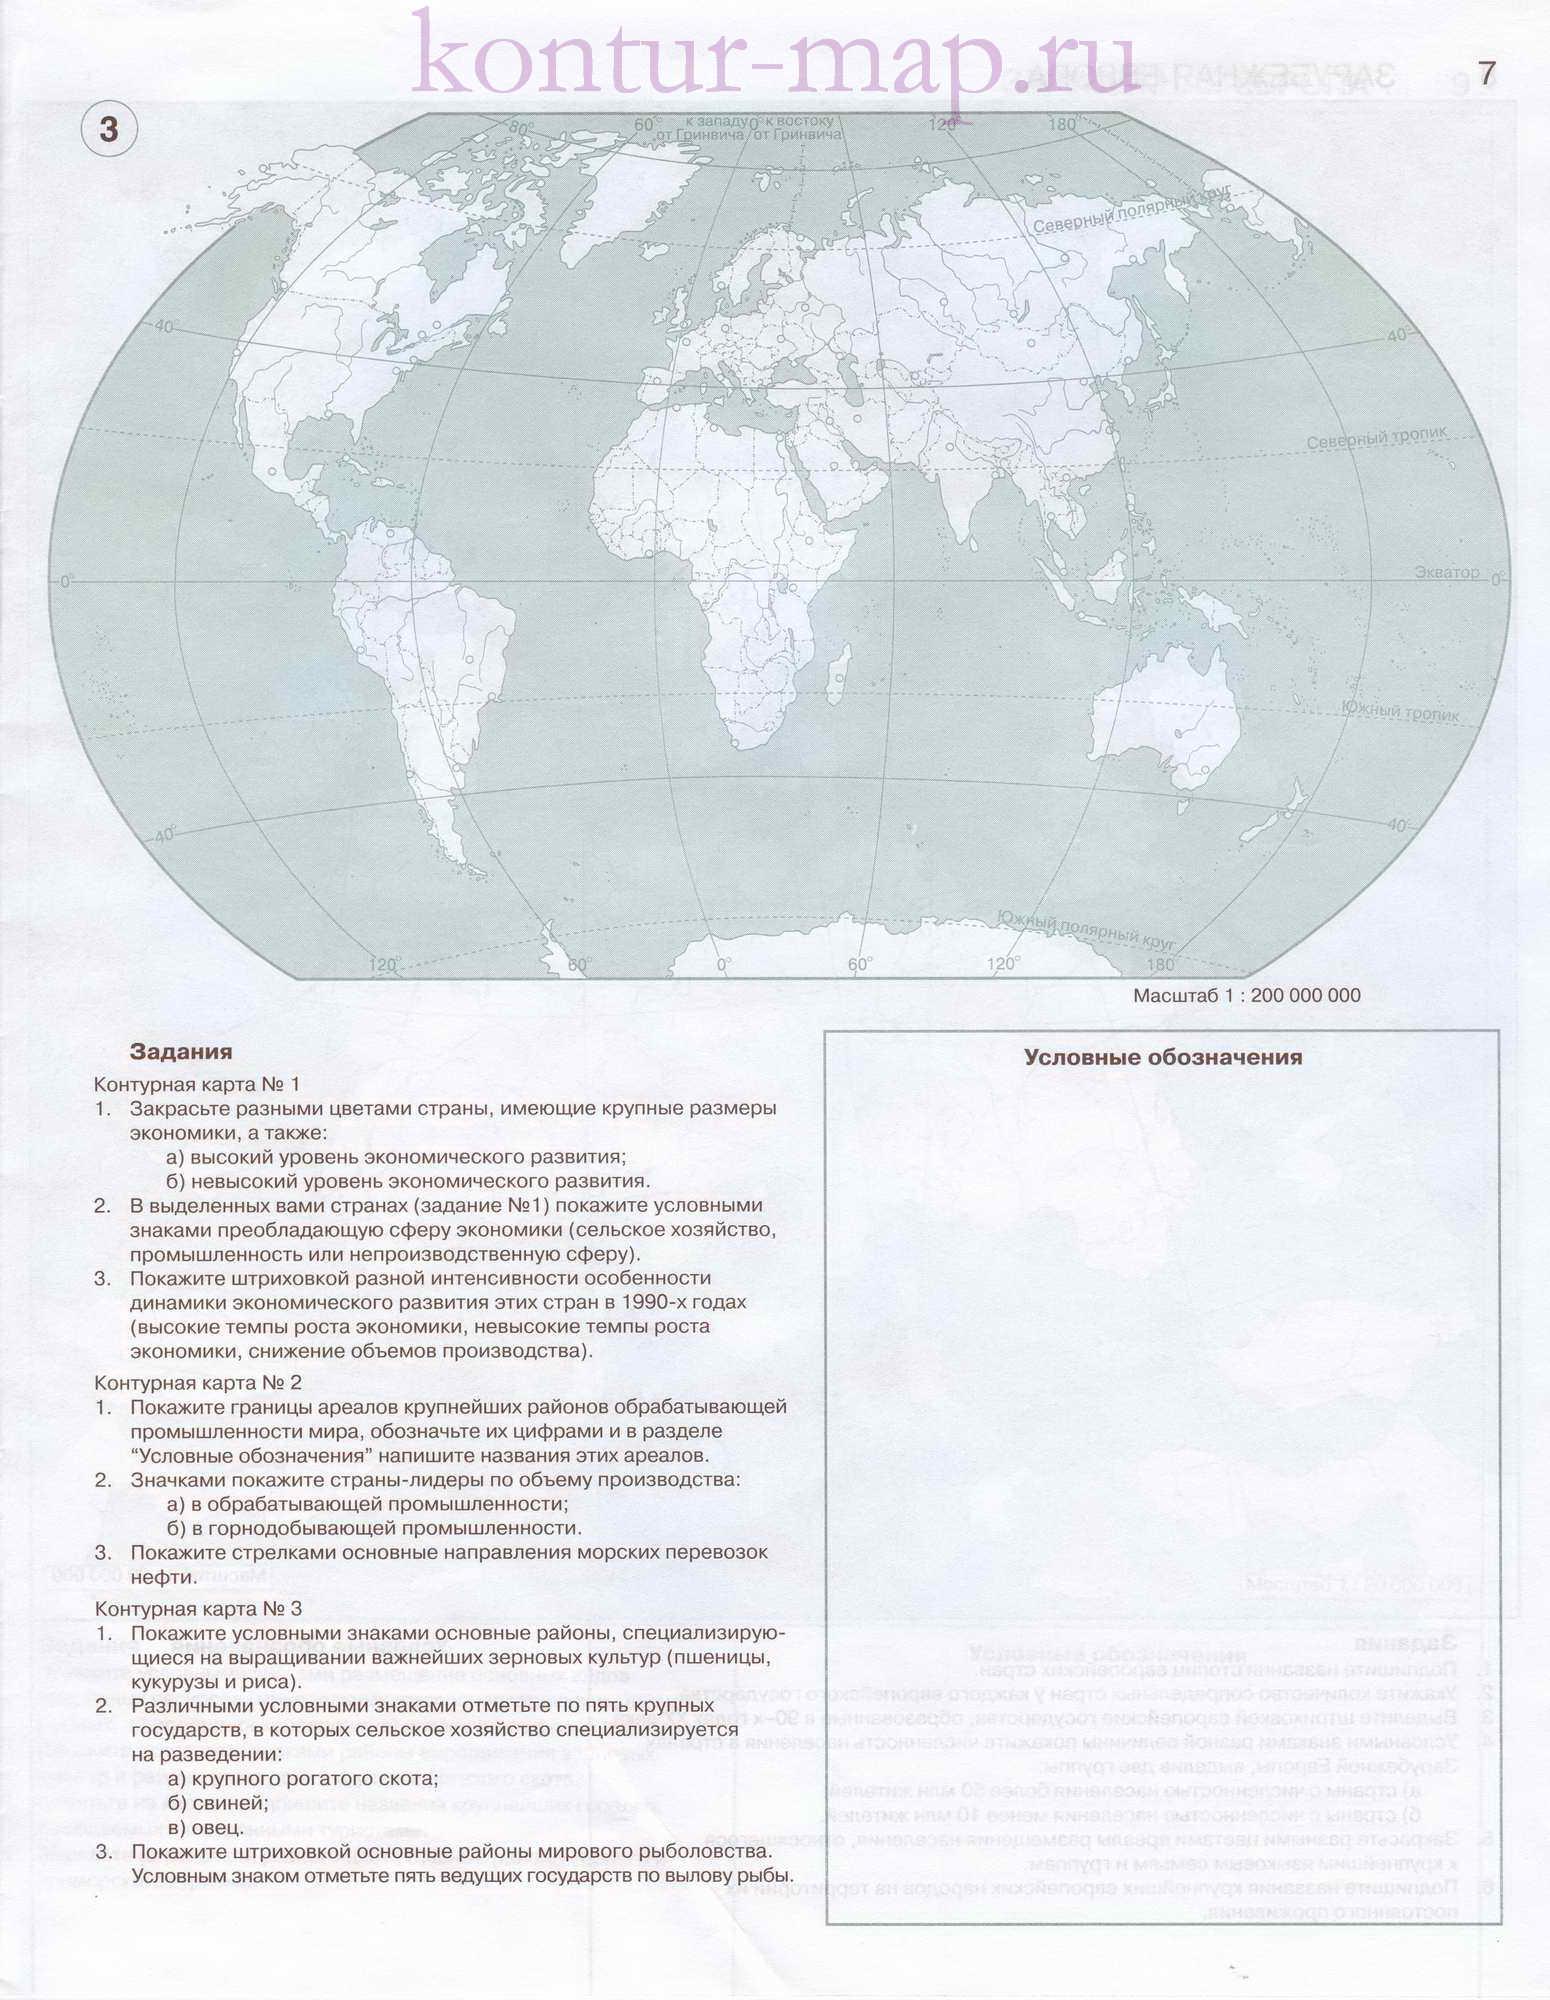 Гдз 10 мира класс контурные карты карта география